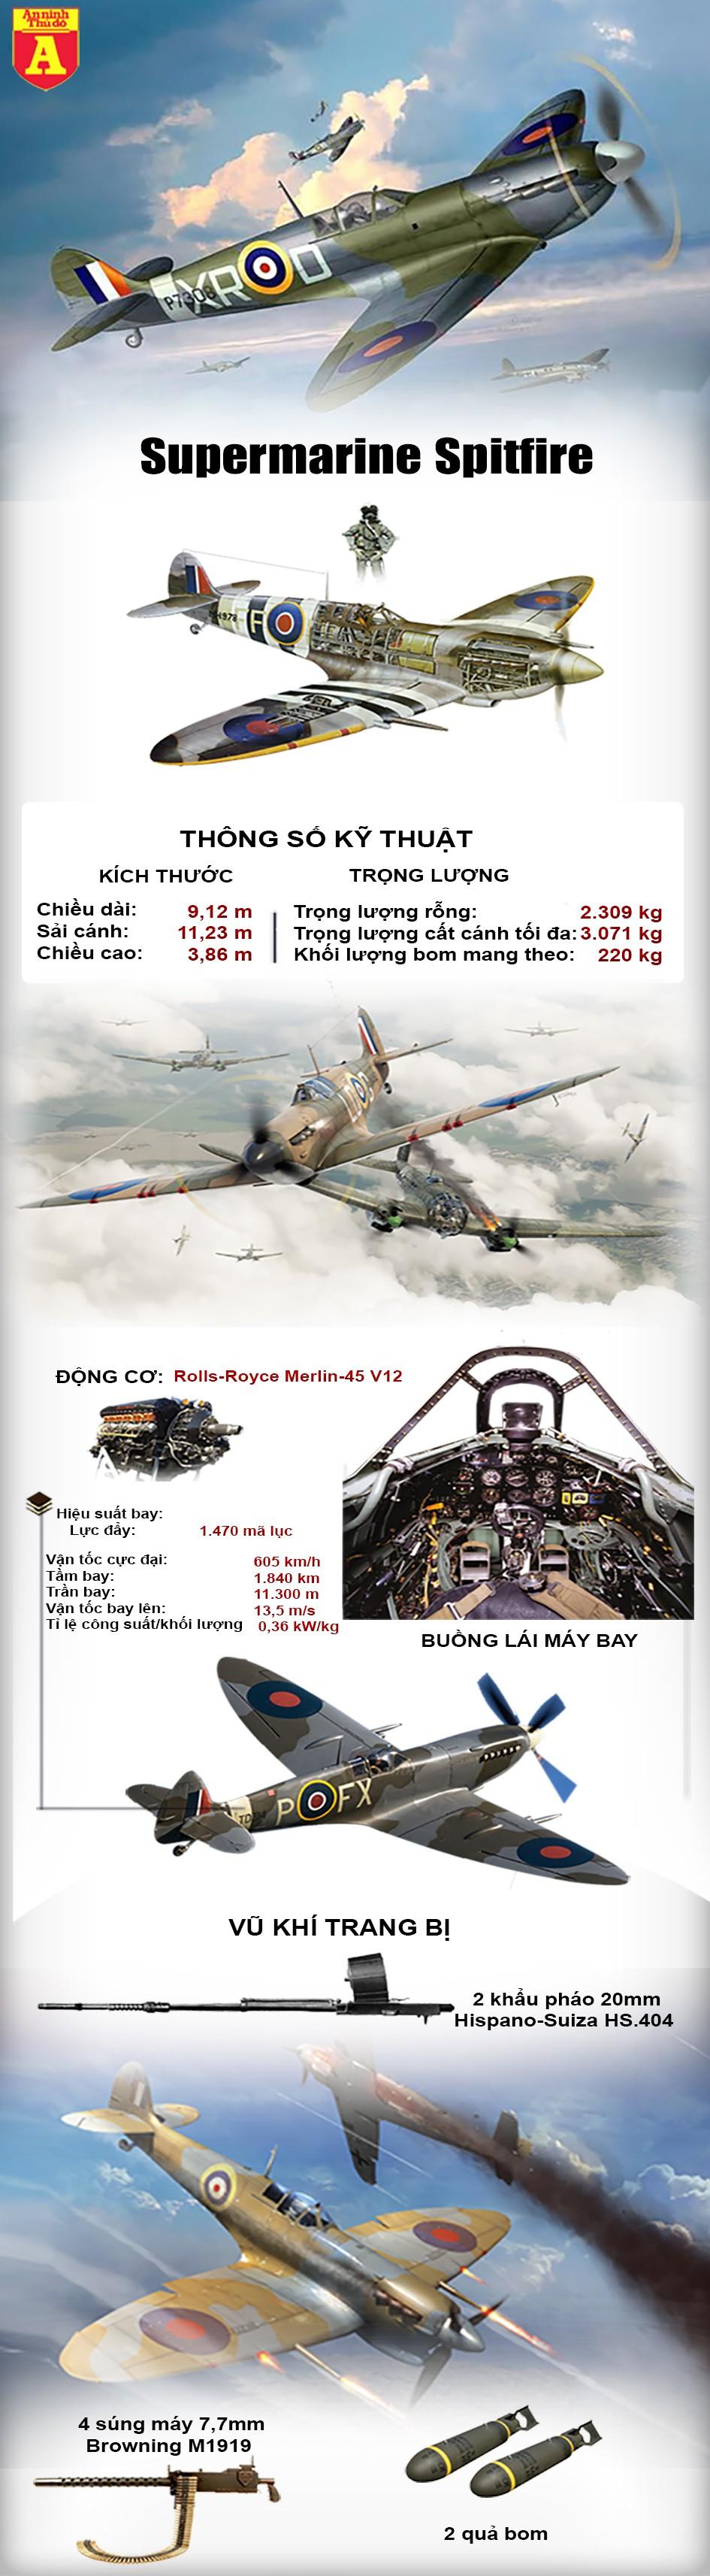 [Info] Phi công Anh bay vòng quanh thế giới trên tiêm kích huyền thoại thời Thế chiến II ảnh 2